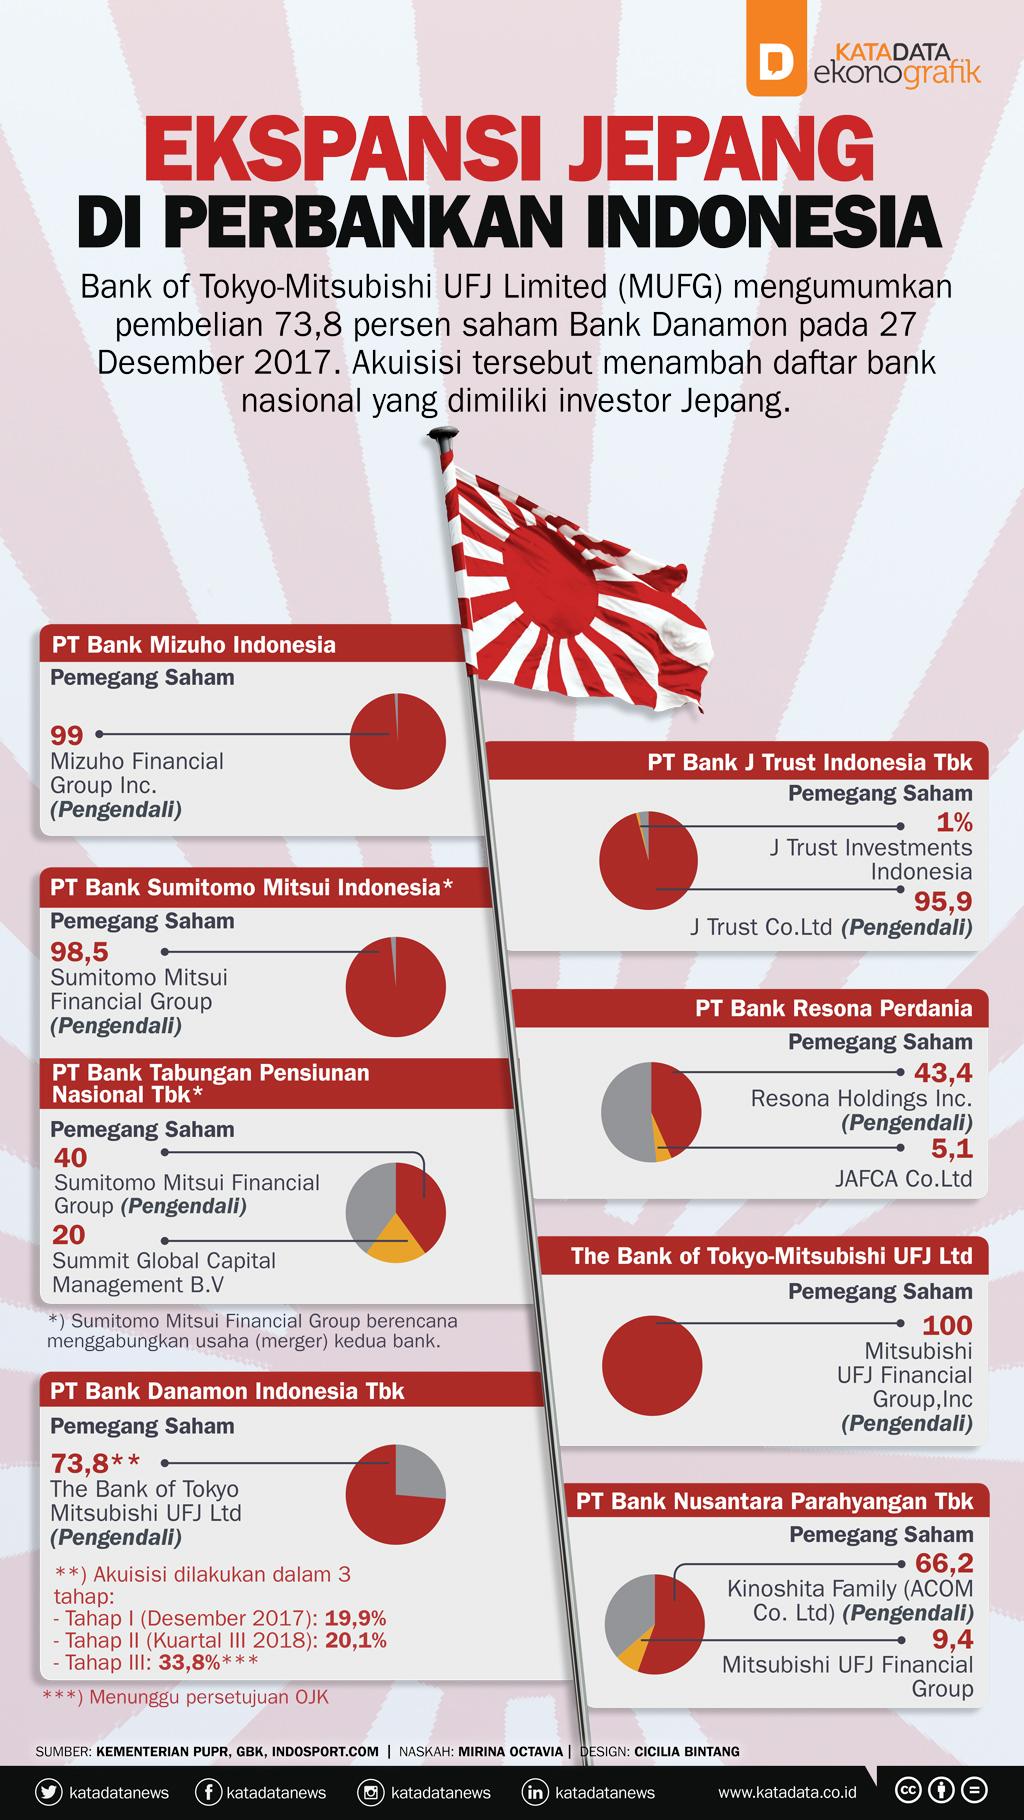 Ekspansi Jepang di Perbankan Indonesia